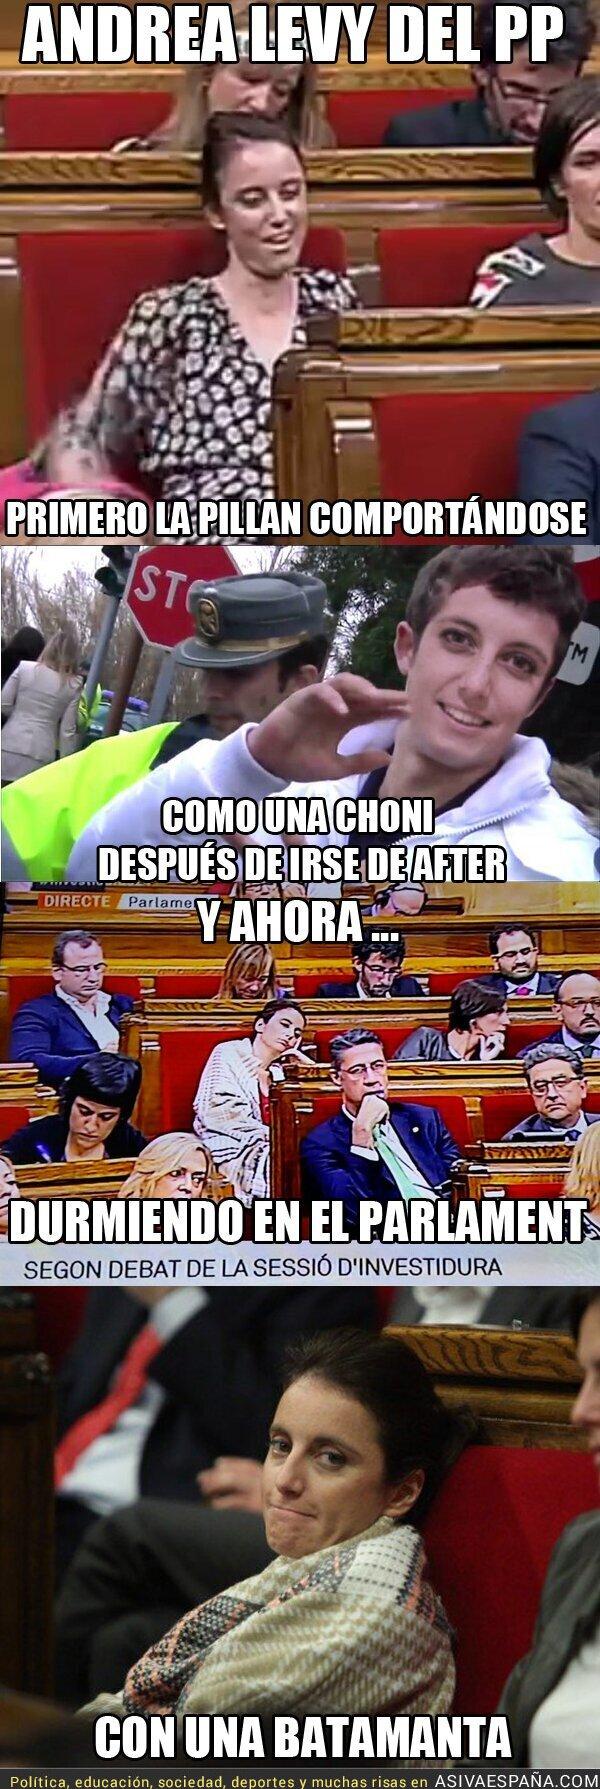 26092 - Andrea Levy del Partido Popular y su semana fantástica en el Parlament de Catalunya